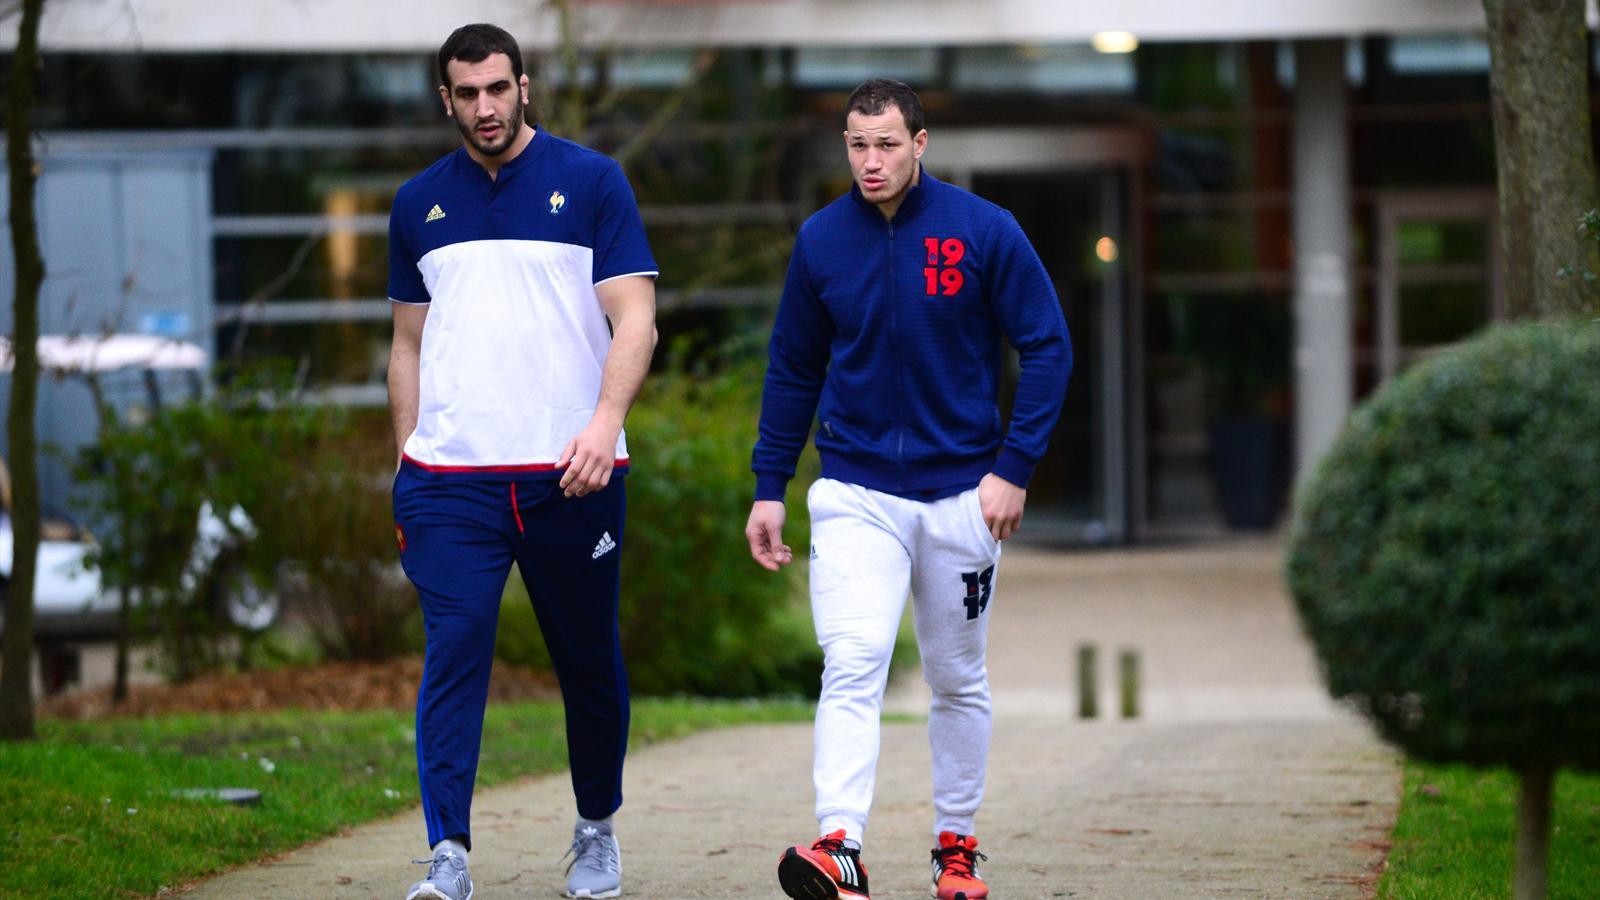 Yoann Maestri et Wenceslas Lauret (XV de France) - 2 février 2016